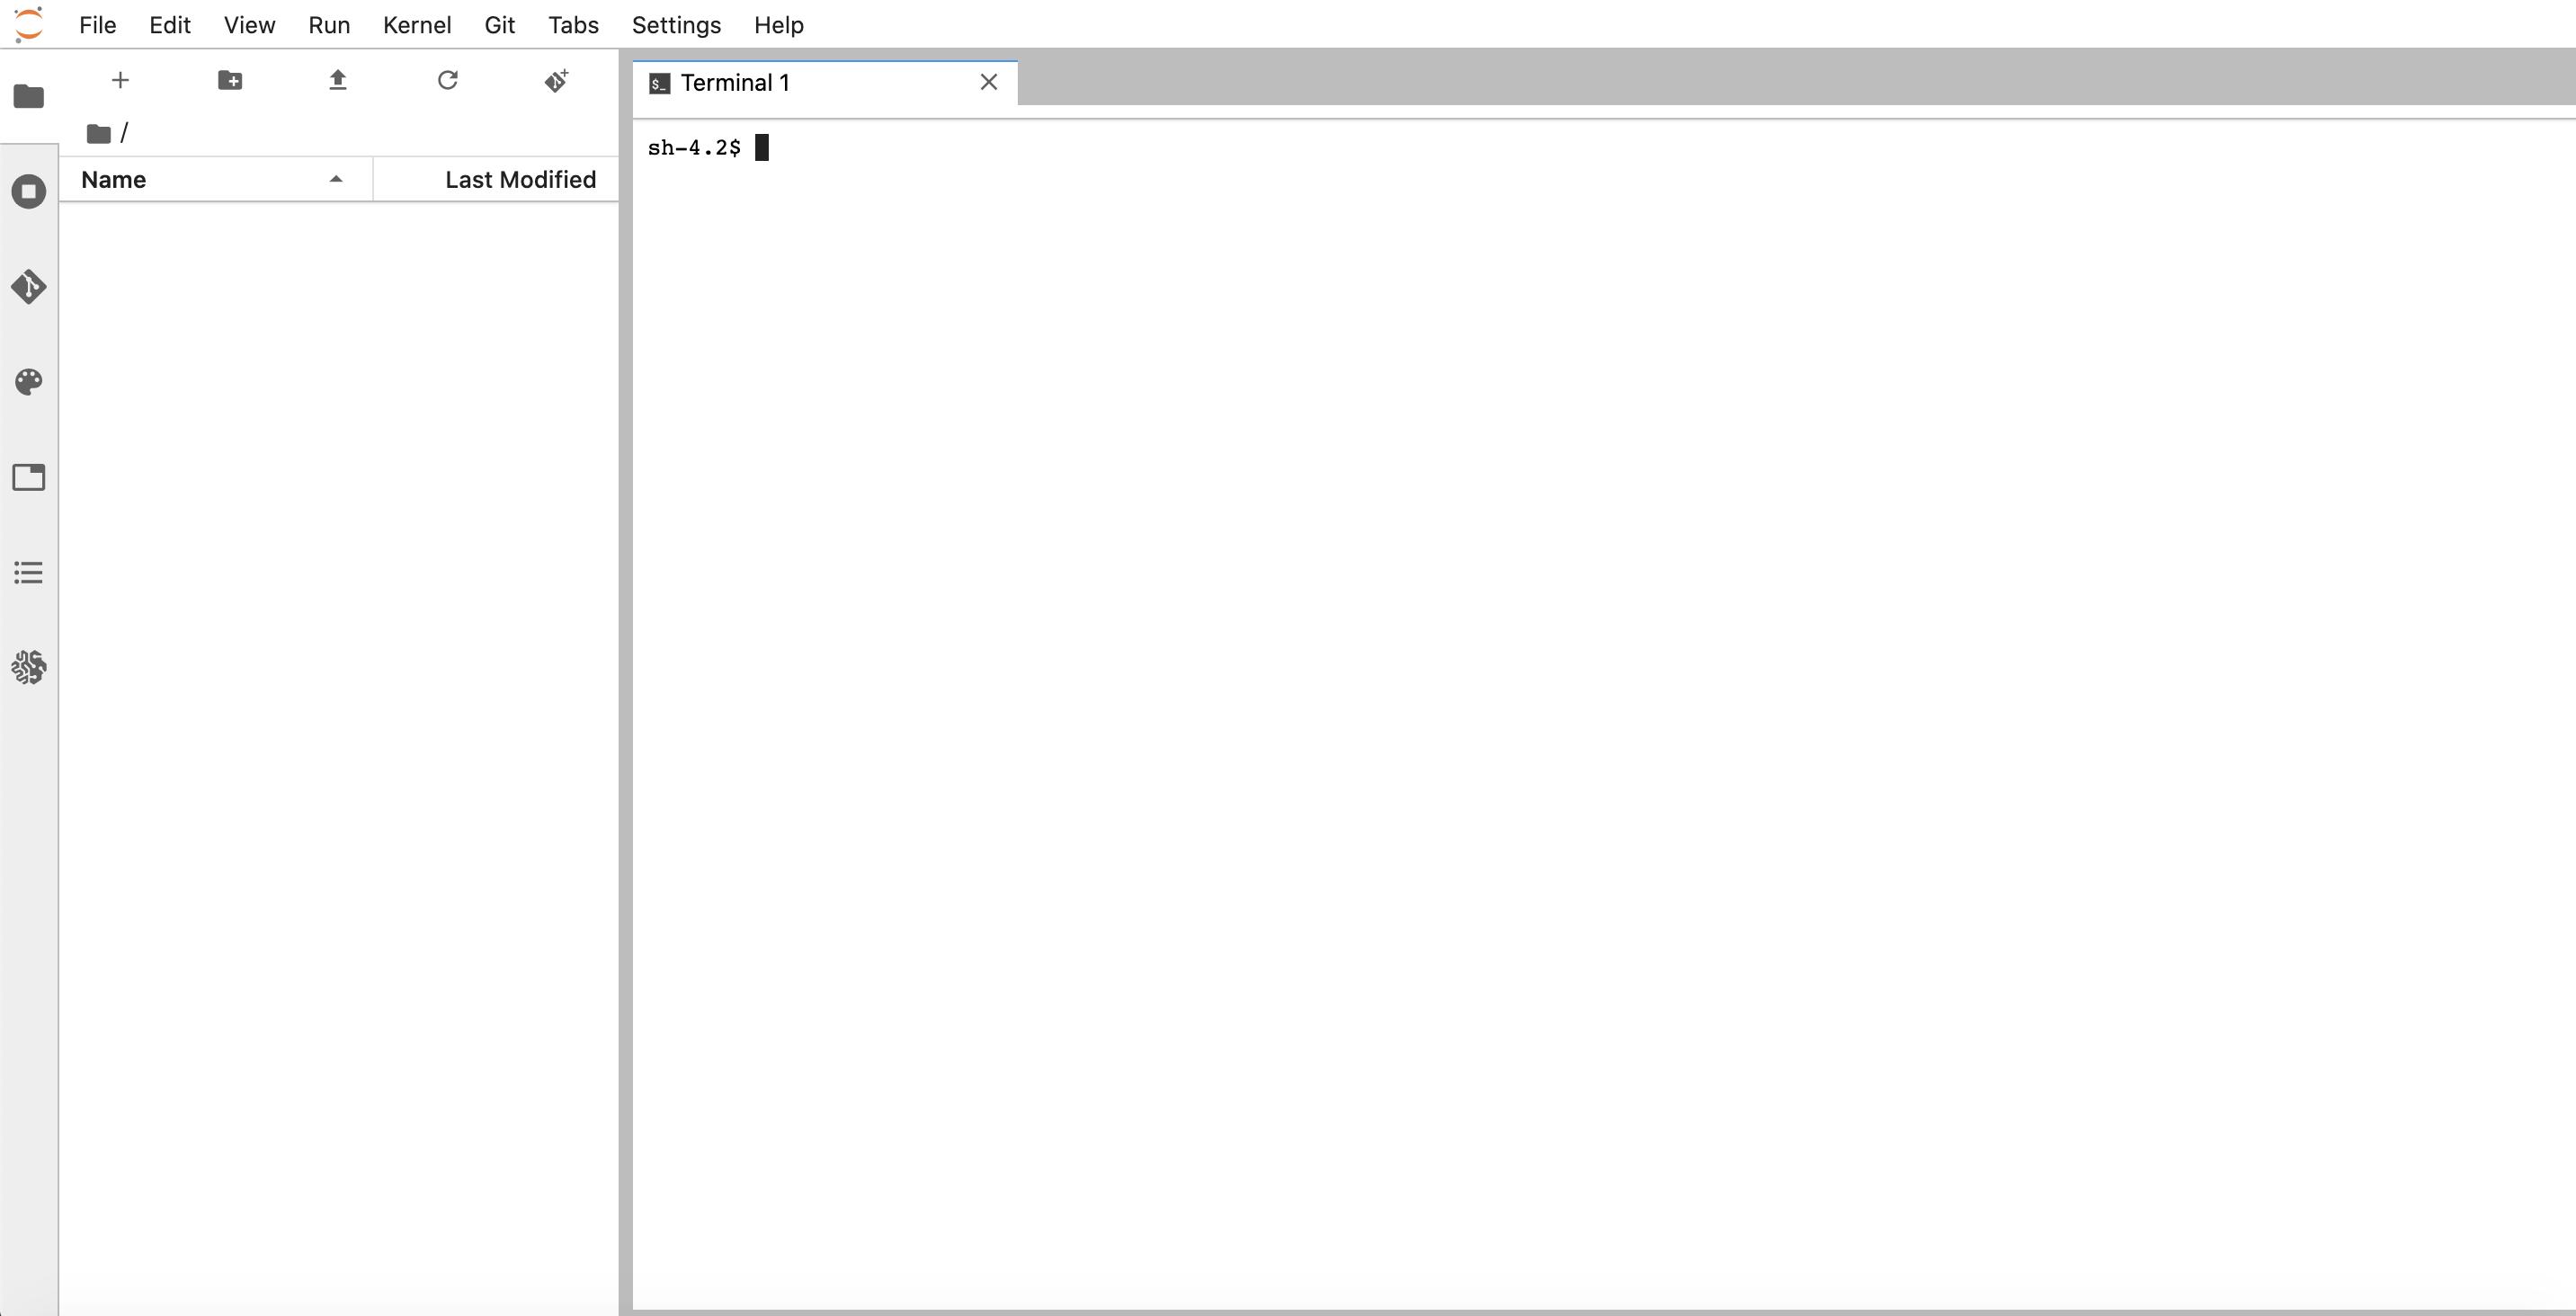 Screen Shot 2020-06-07 at 6.52.31 PM